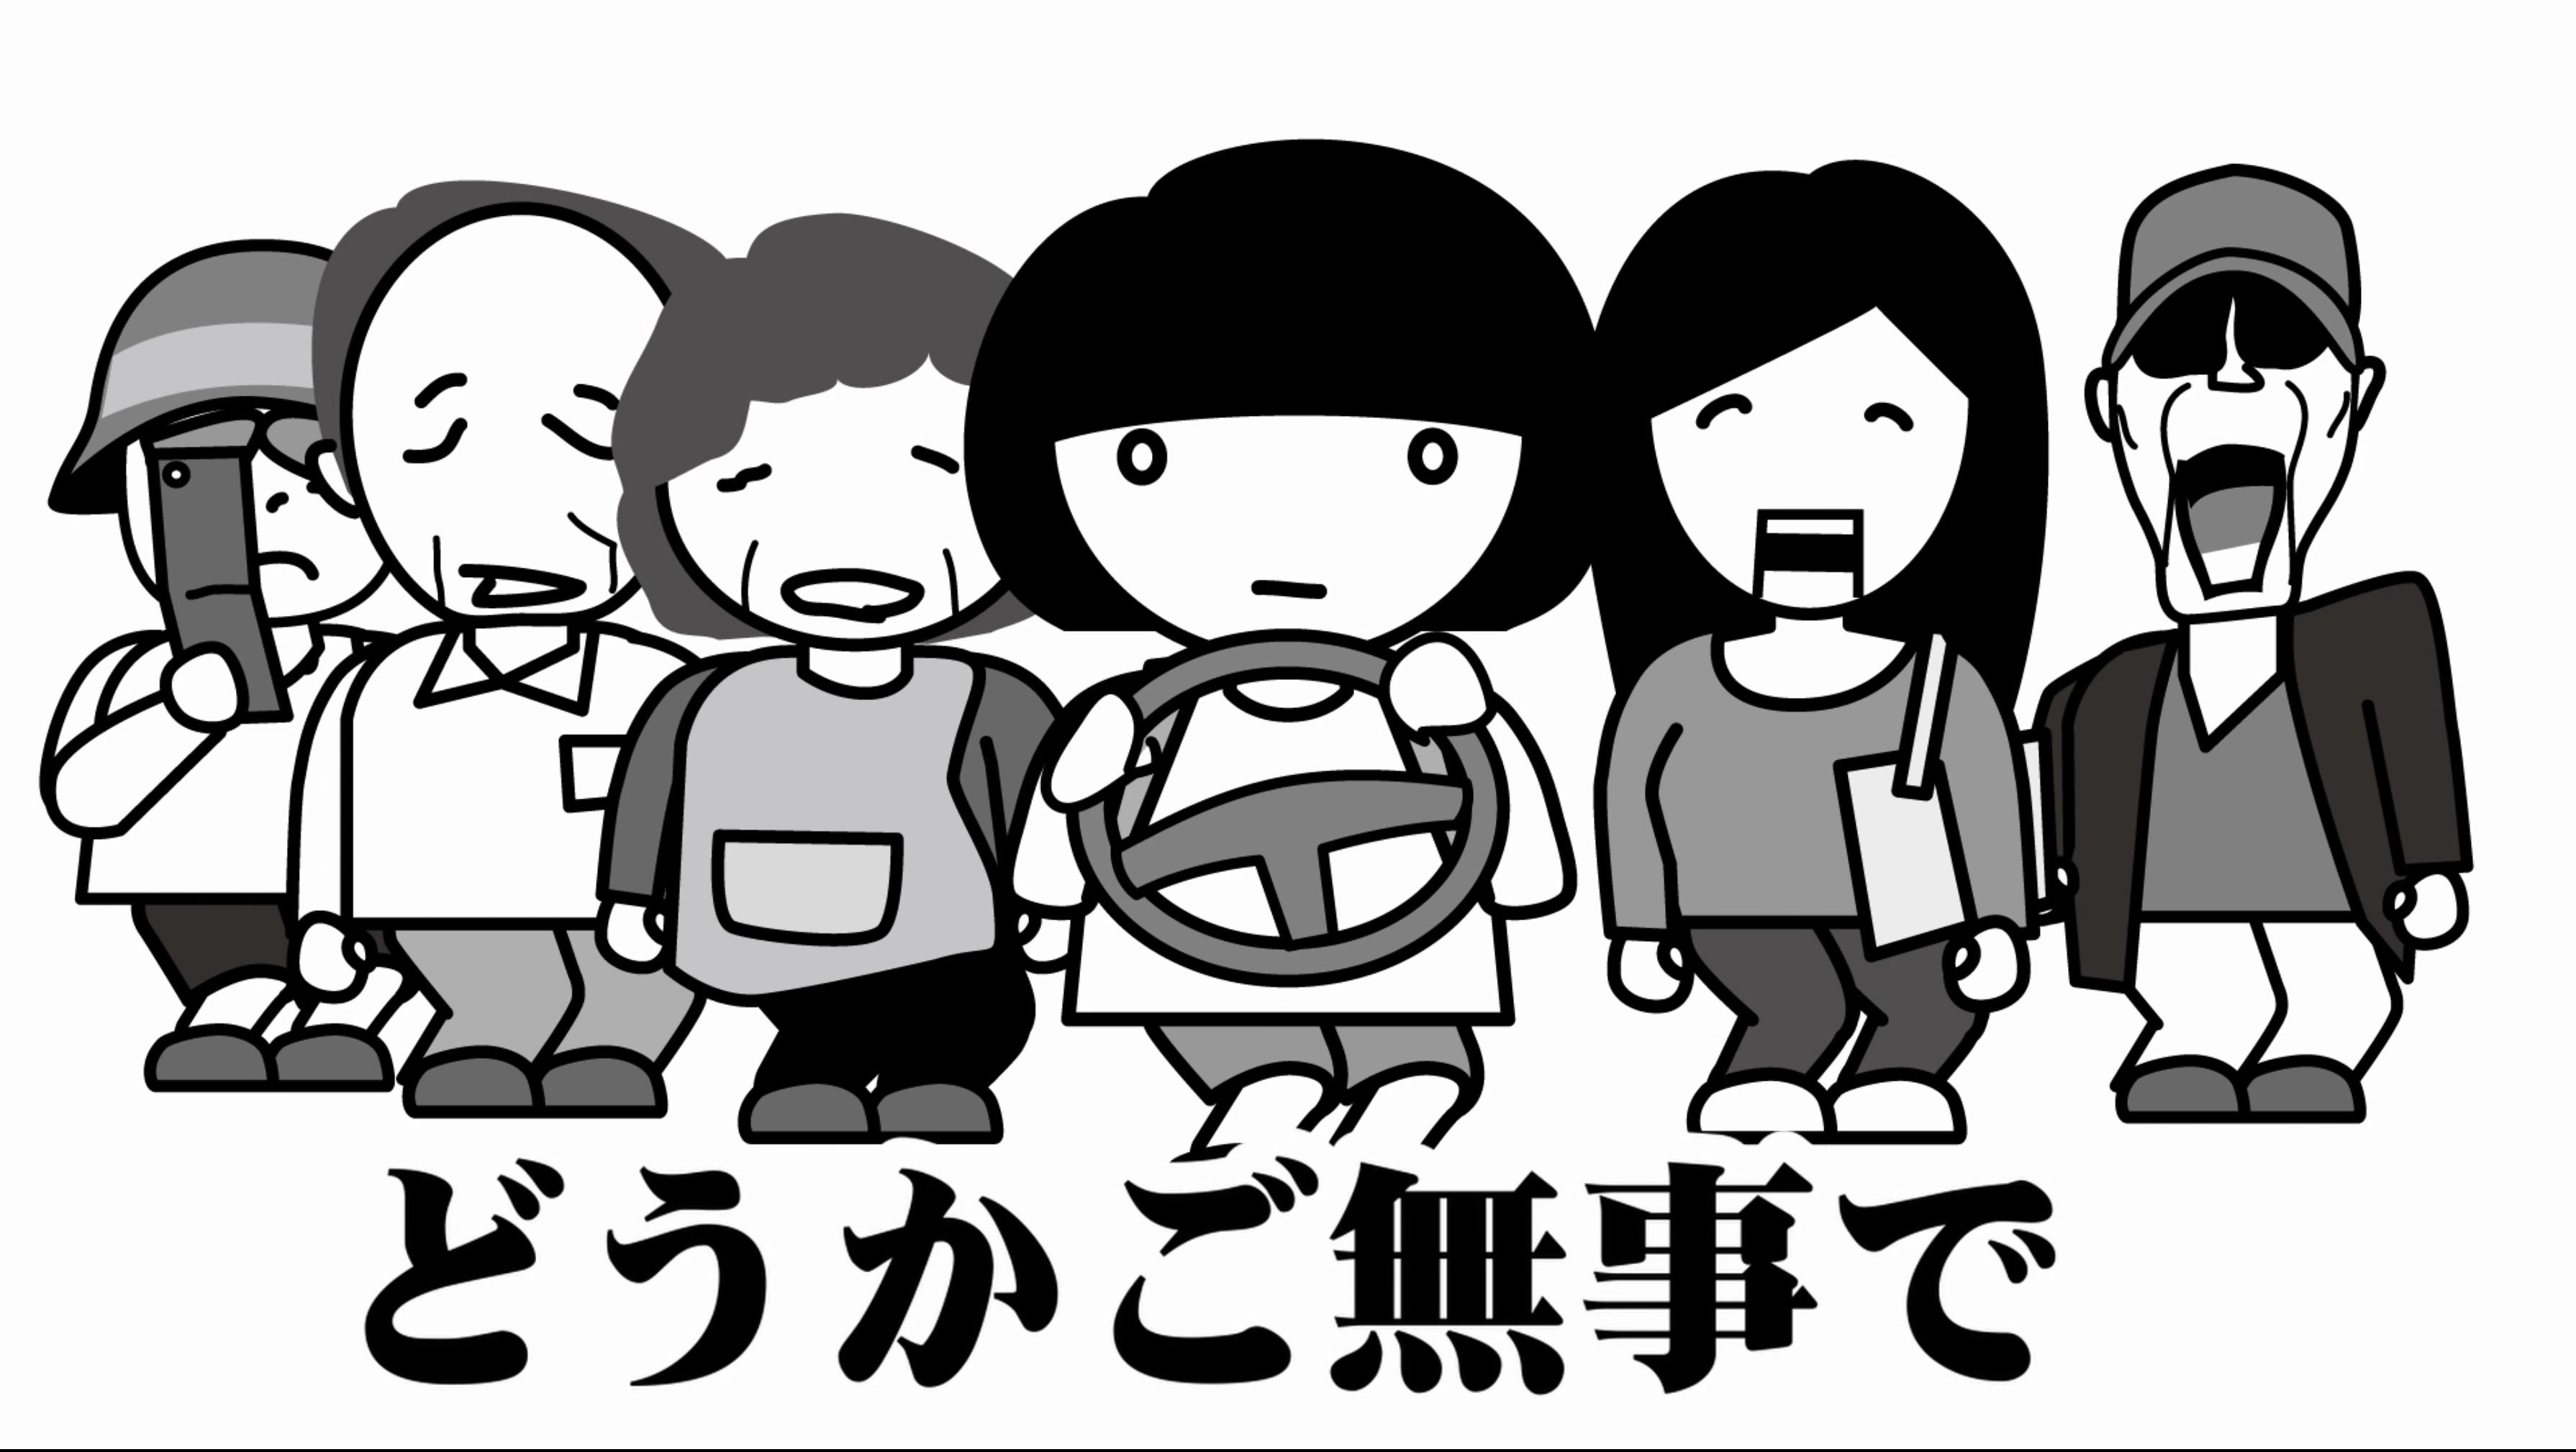 西沢和弥「ペーパードライバー」(Remastered 2021)配信開始!MV公開!